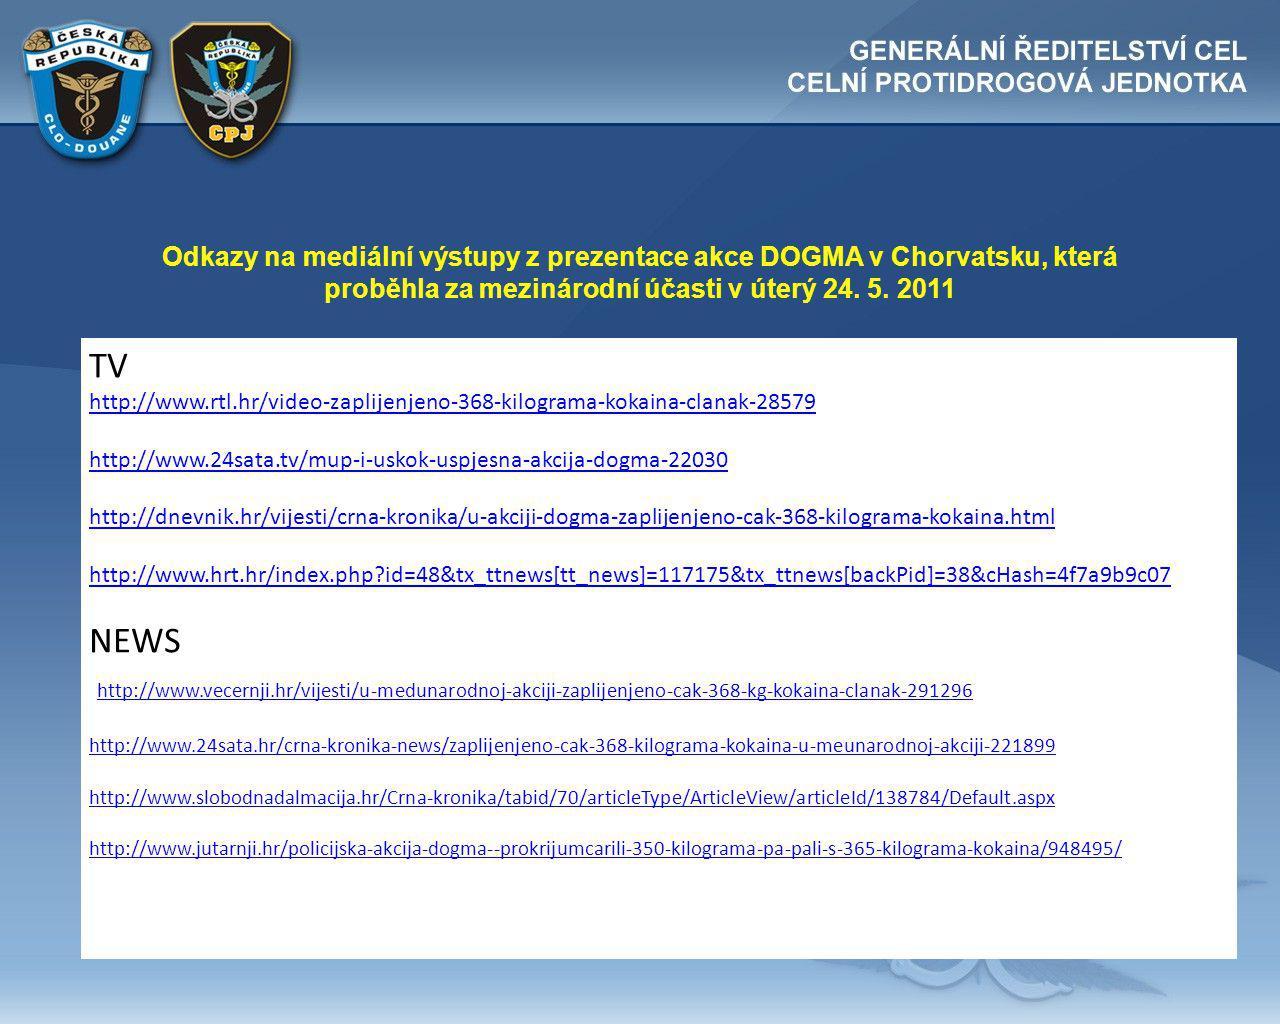 Odkazy na mediální výstupy z prezentace akce DOGMA v Chorvatsku, která proběhla za mezinárodní účasti v úterý 24.